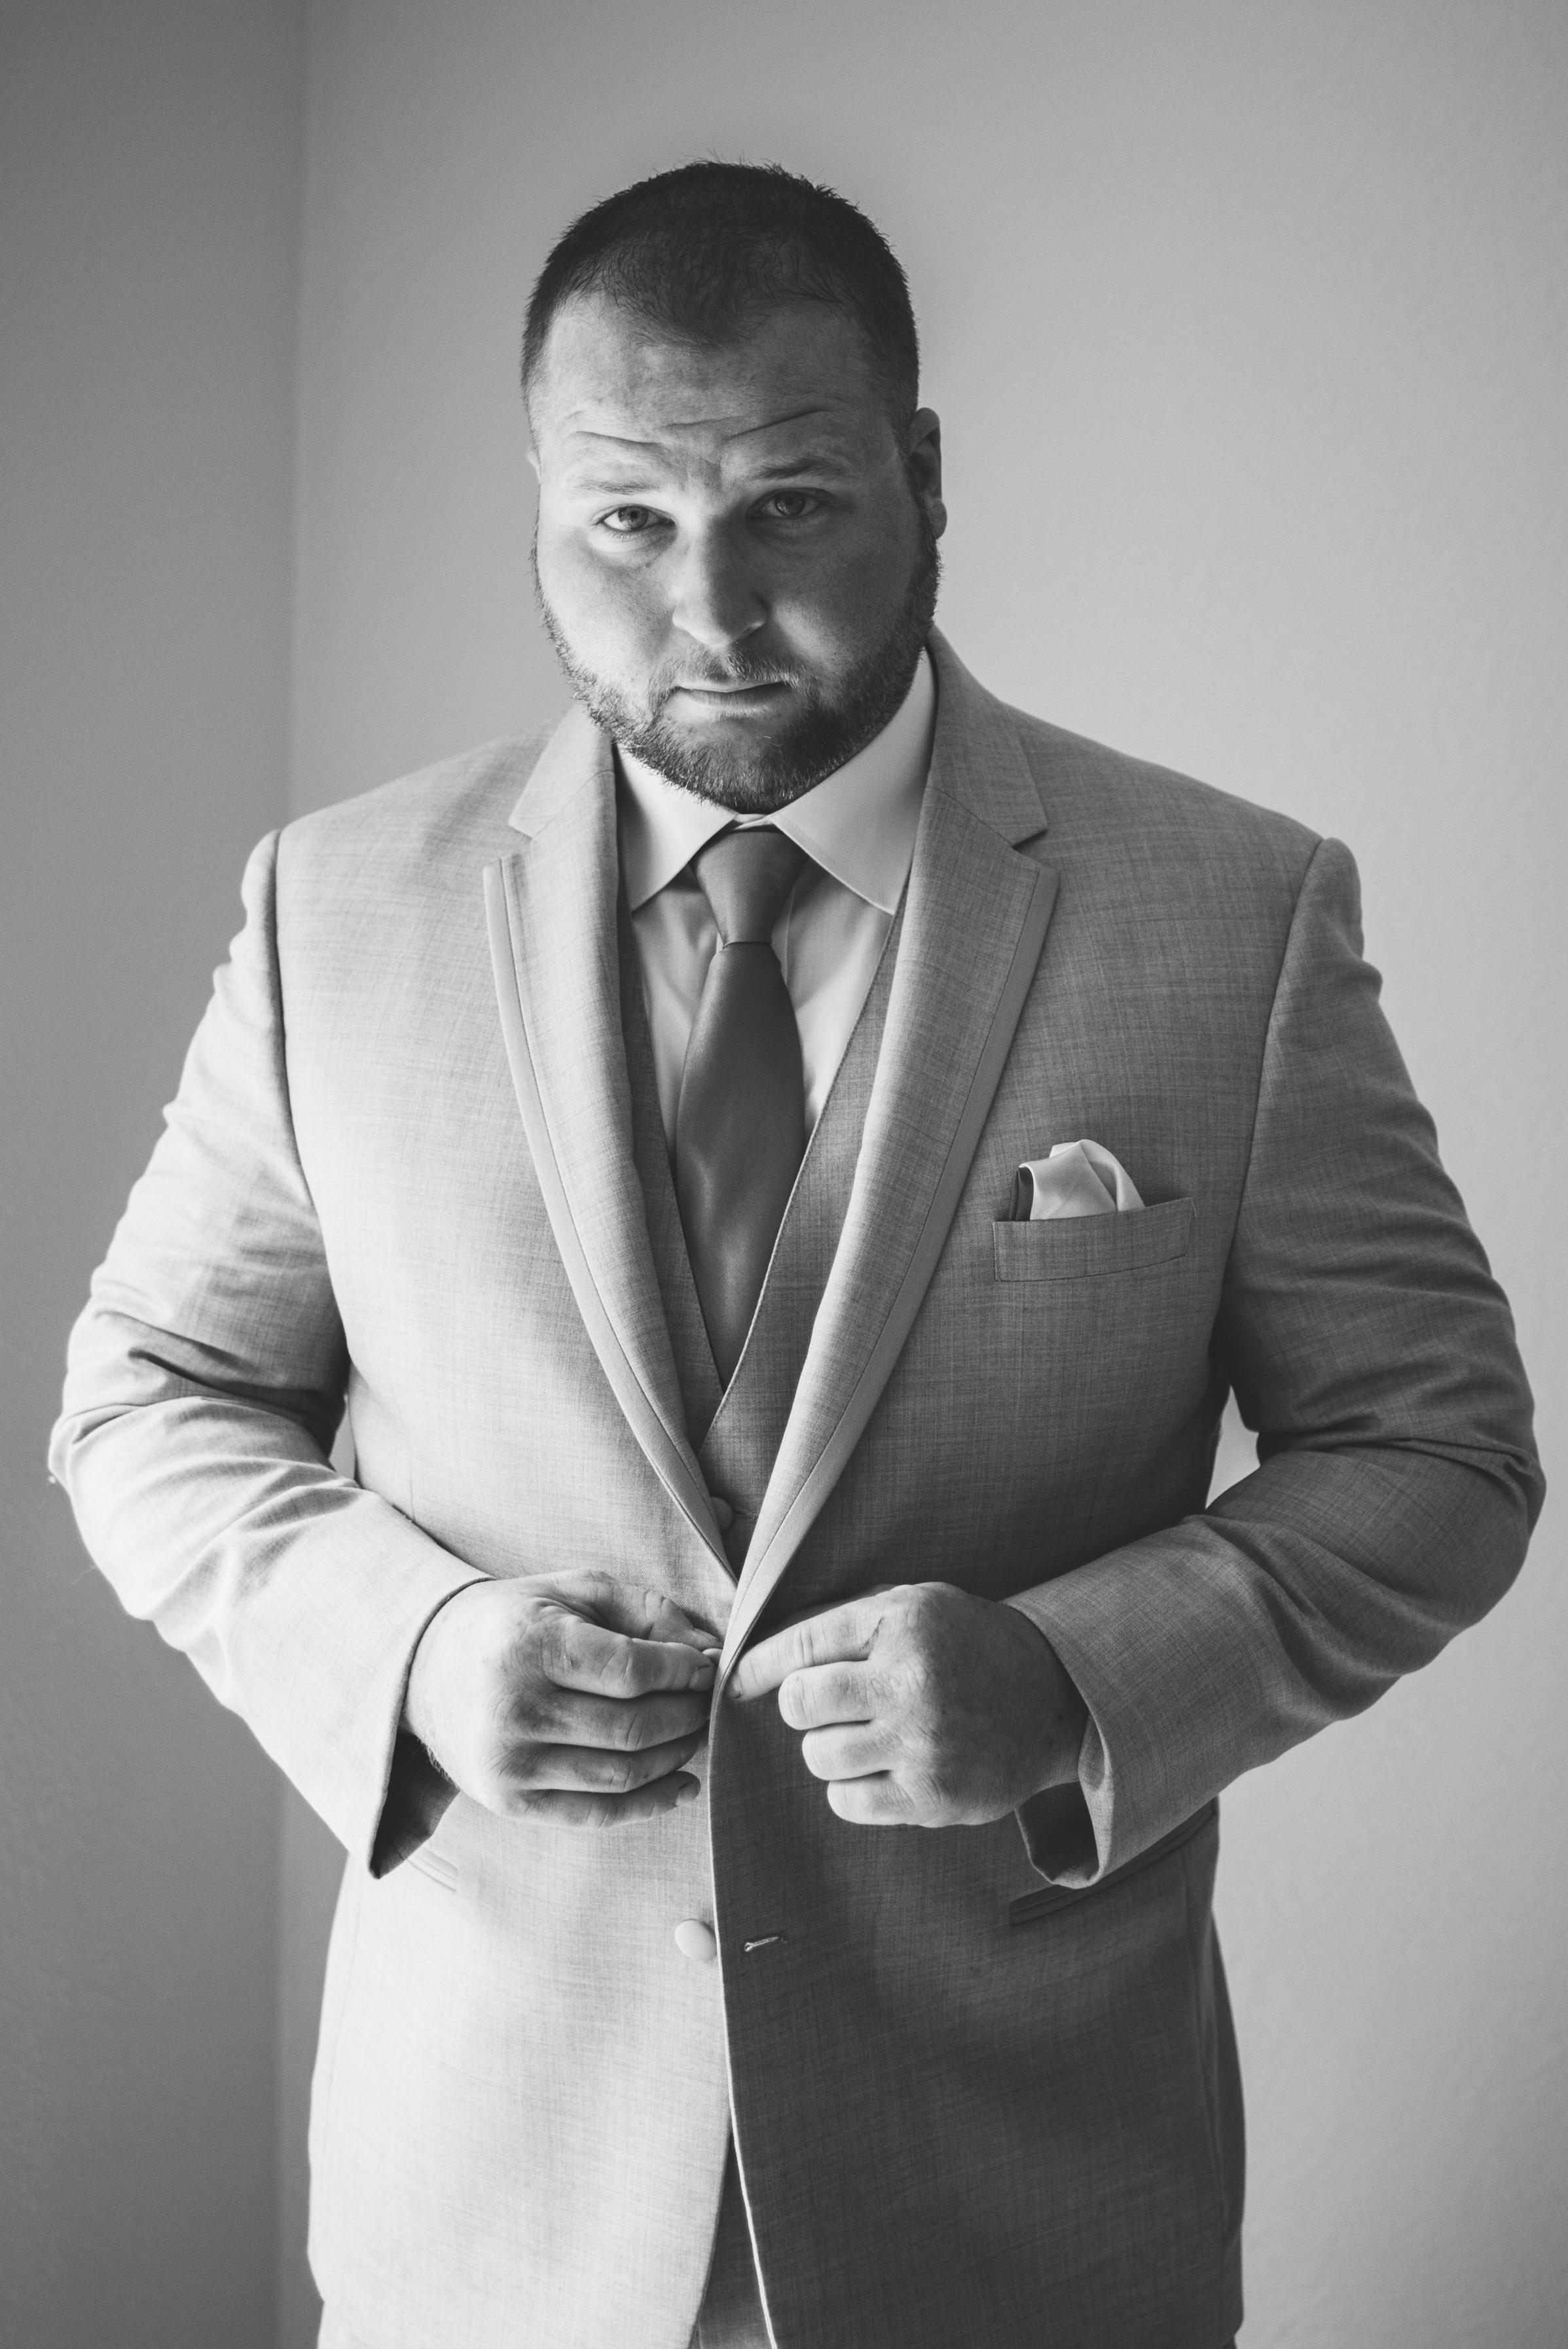 toledo ohio wedding photographer-1.jpg